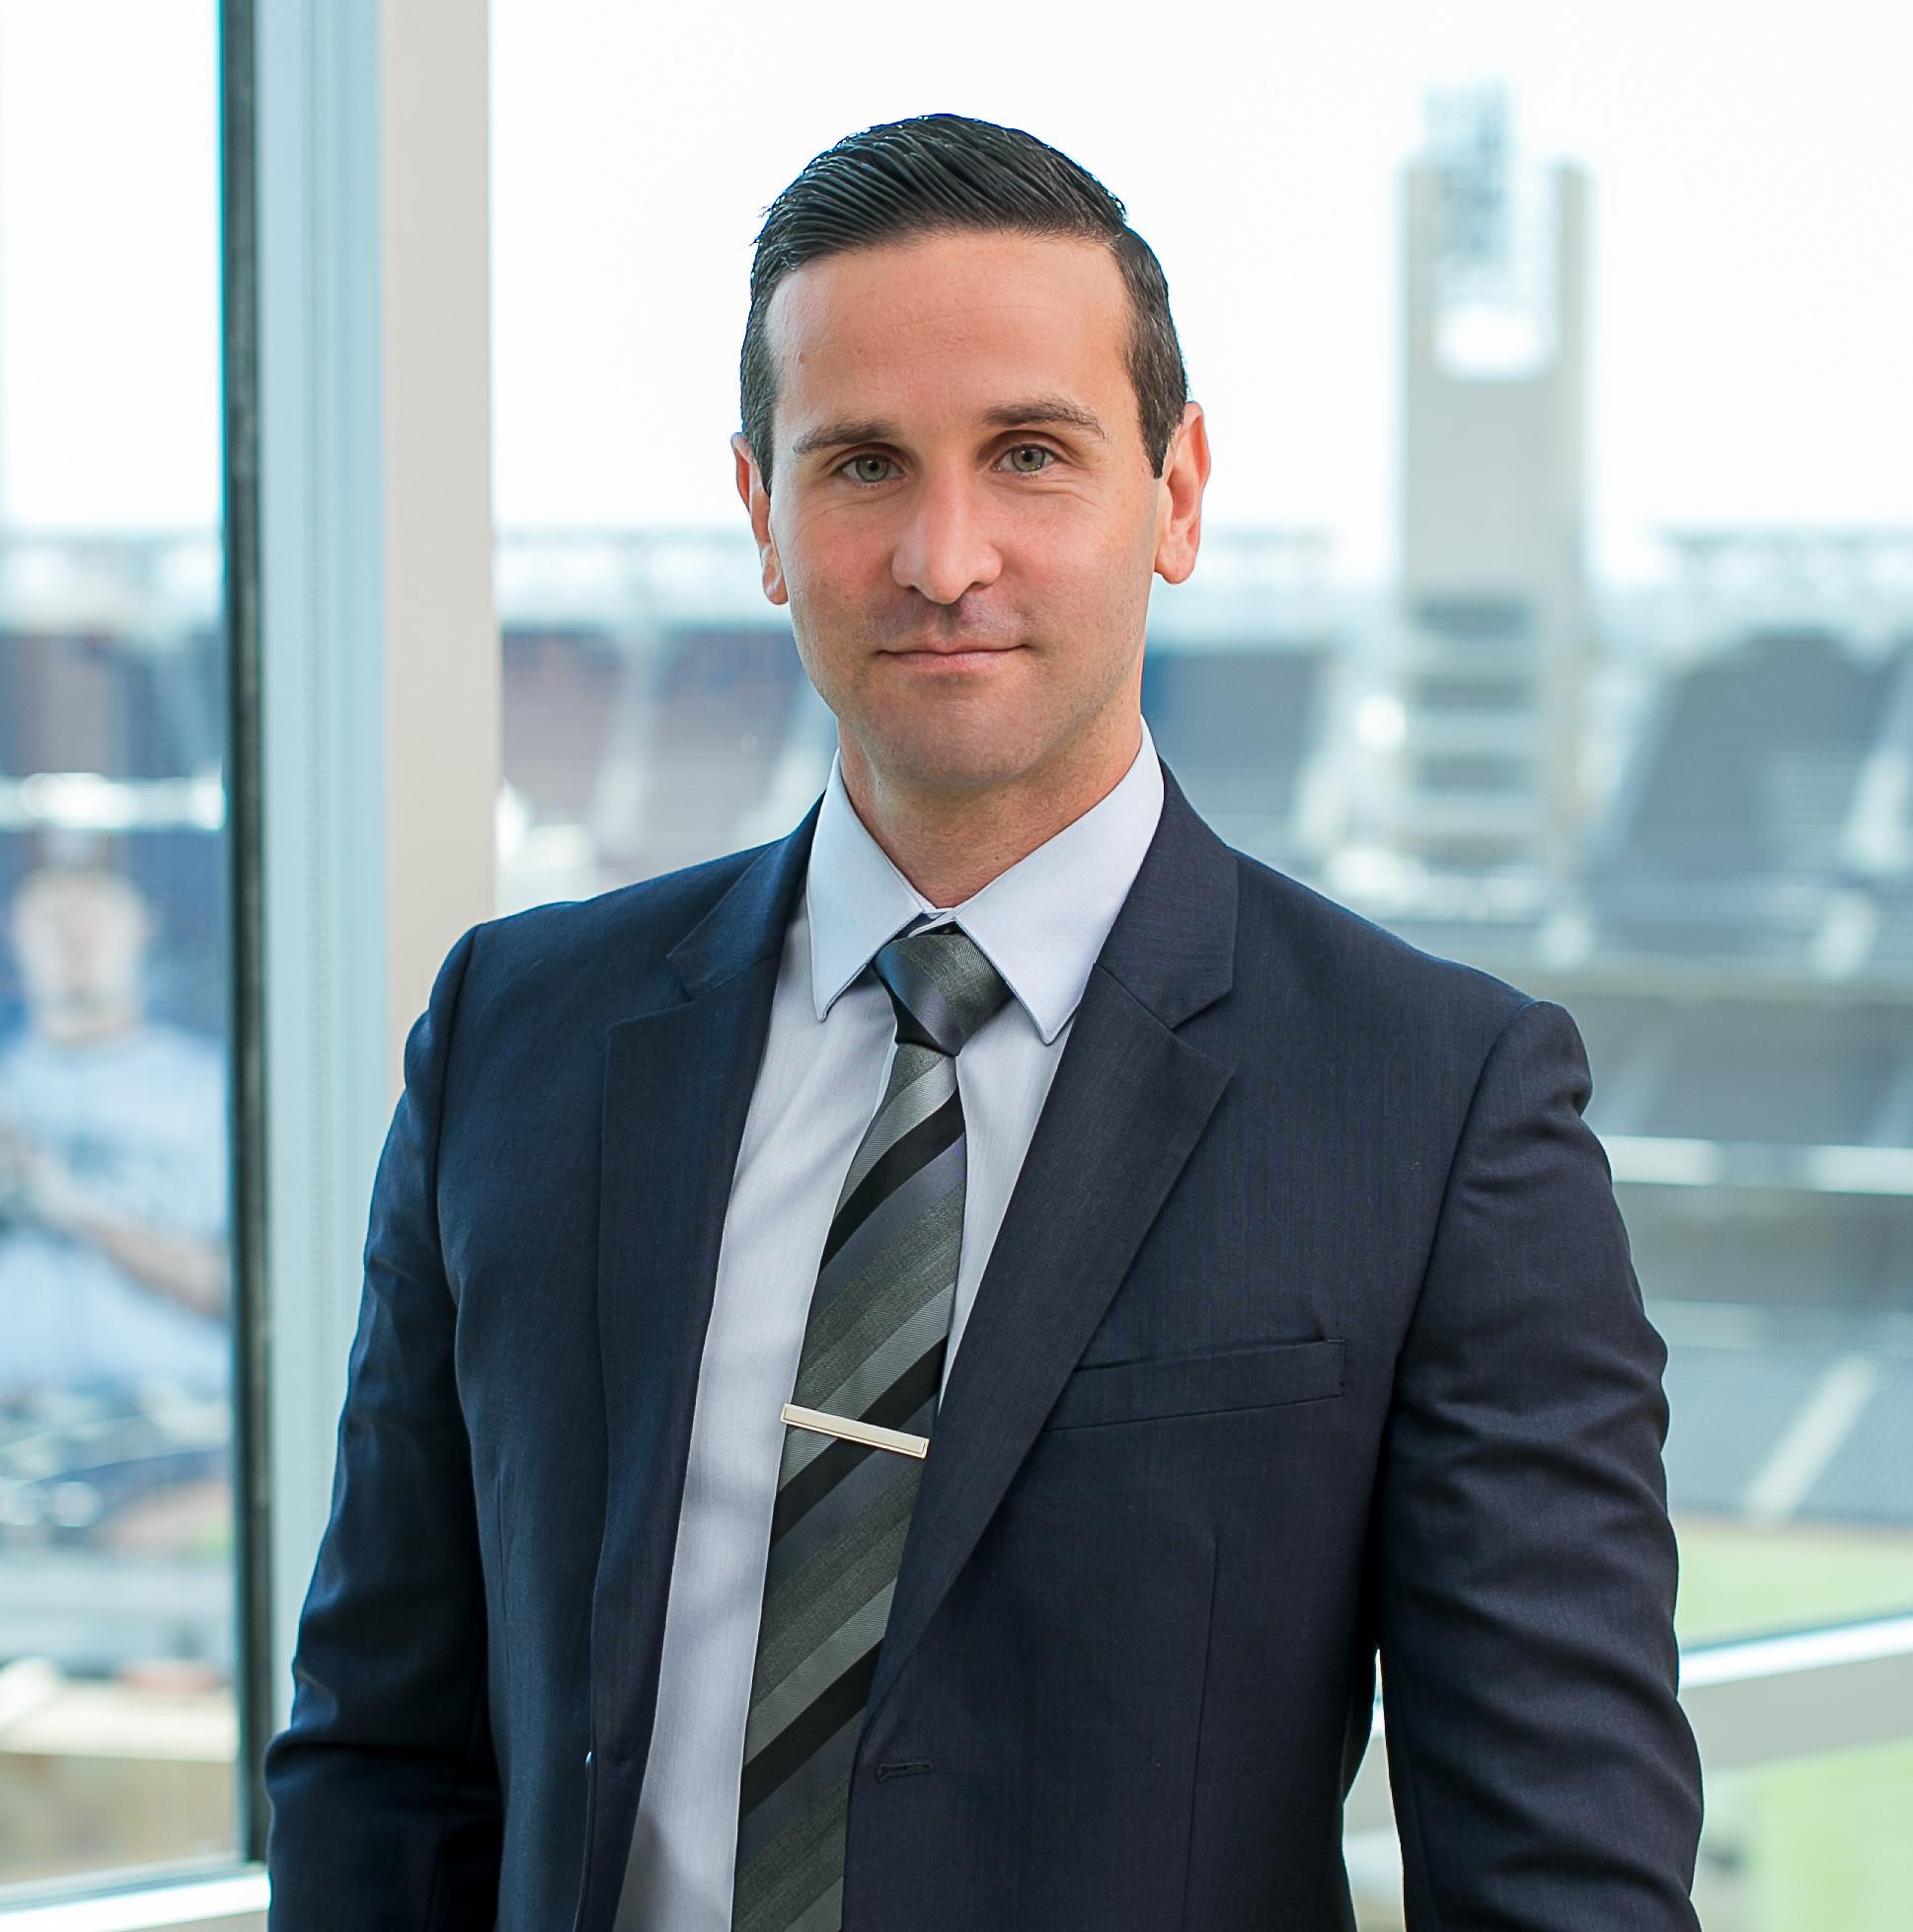 jordan-kohler-business-lawyer